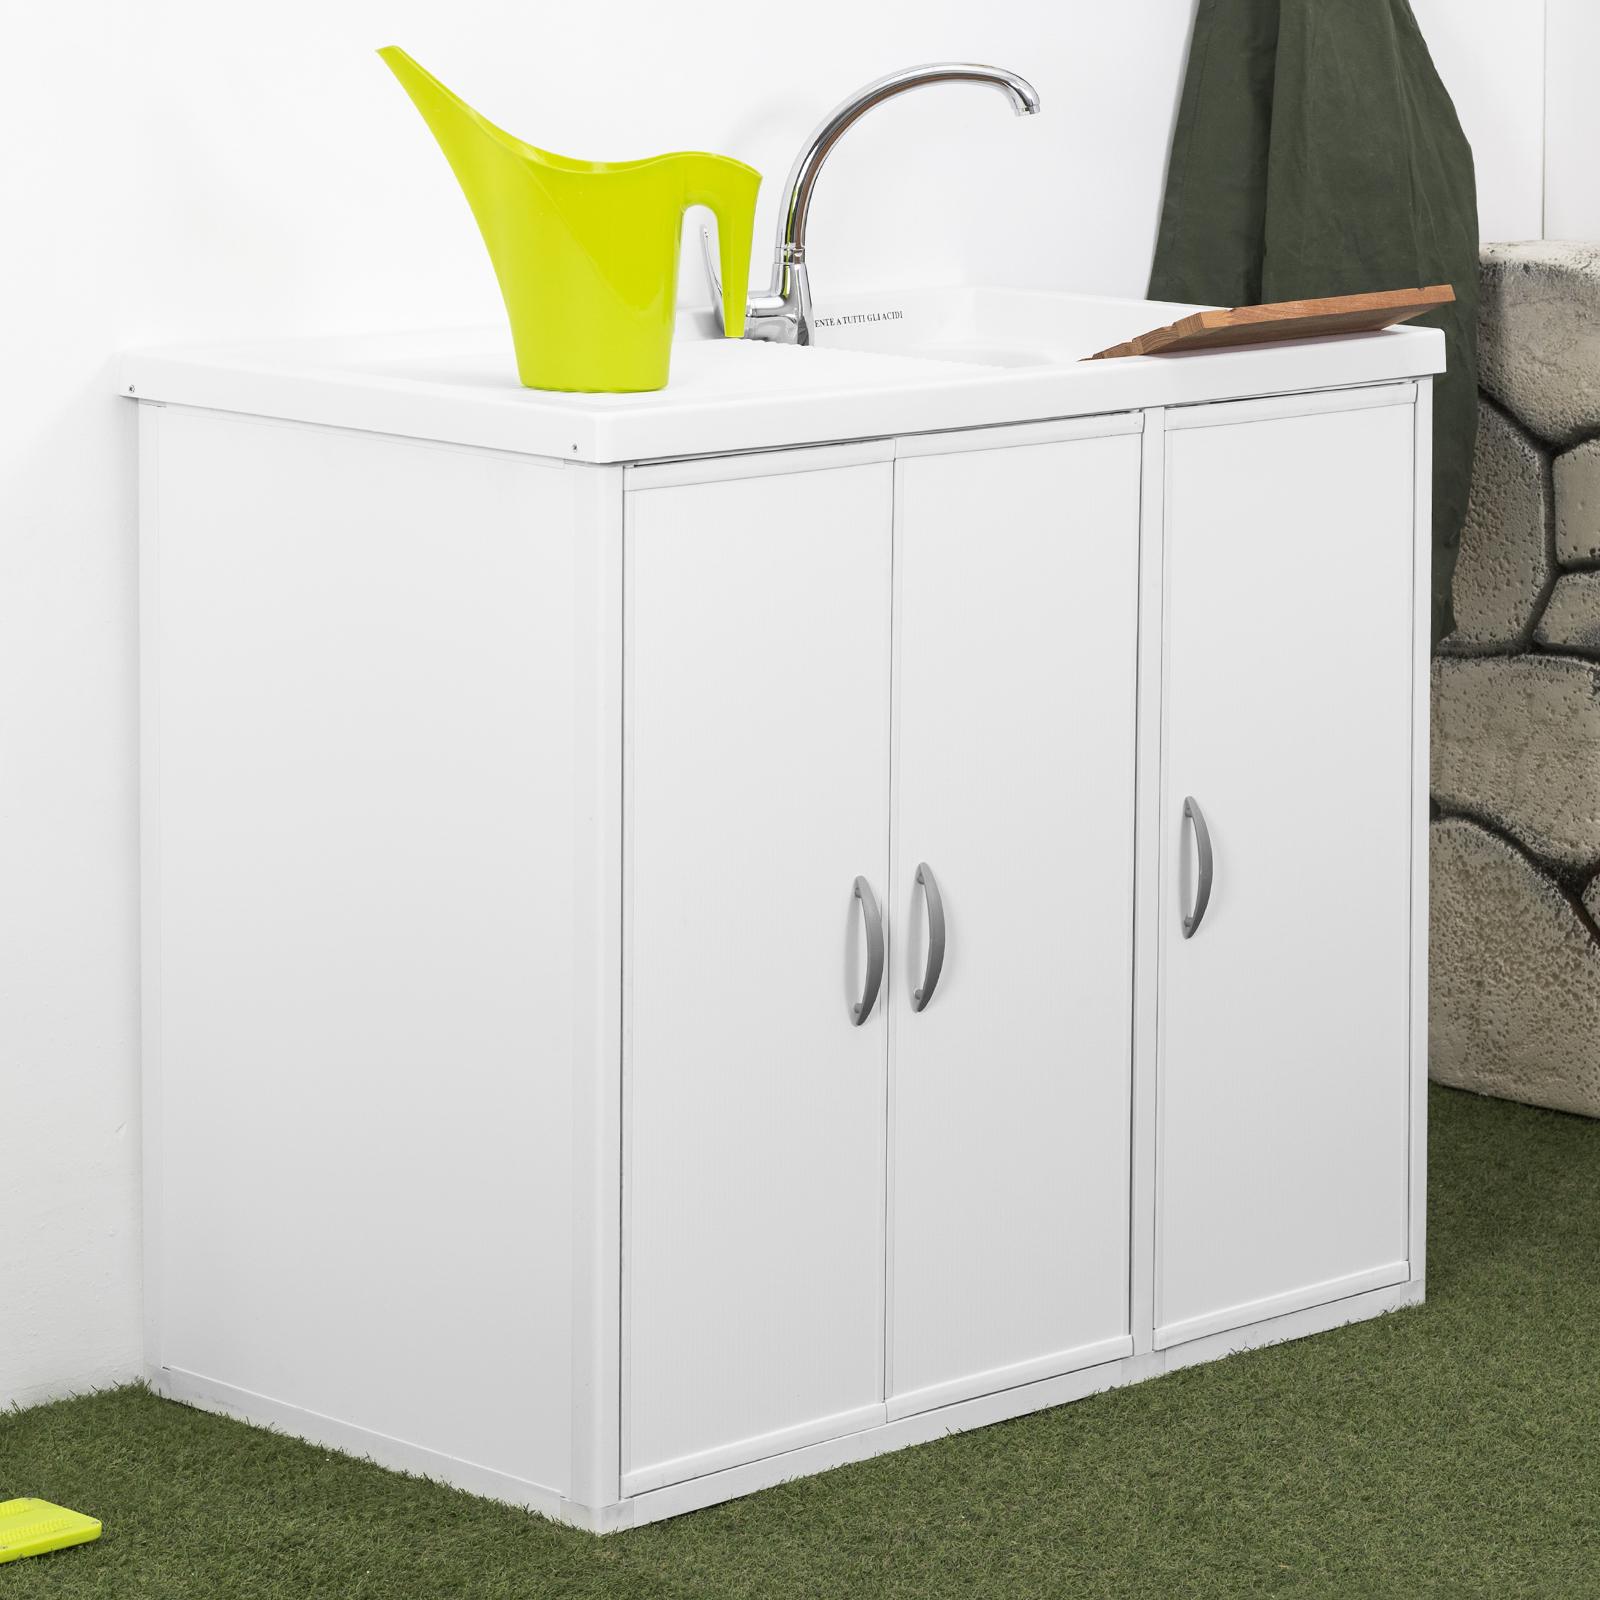 Lavatoio Per Bagno Lavanderia lavatoi da esterno: pratici, funzionali e salvaspazio